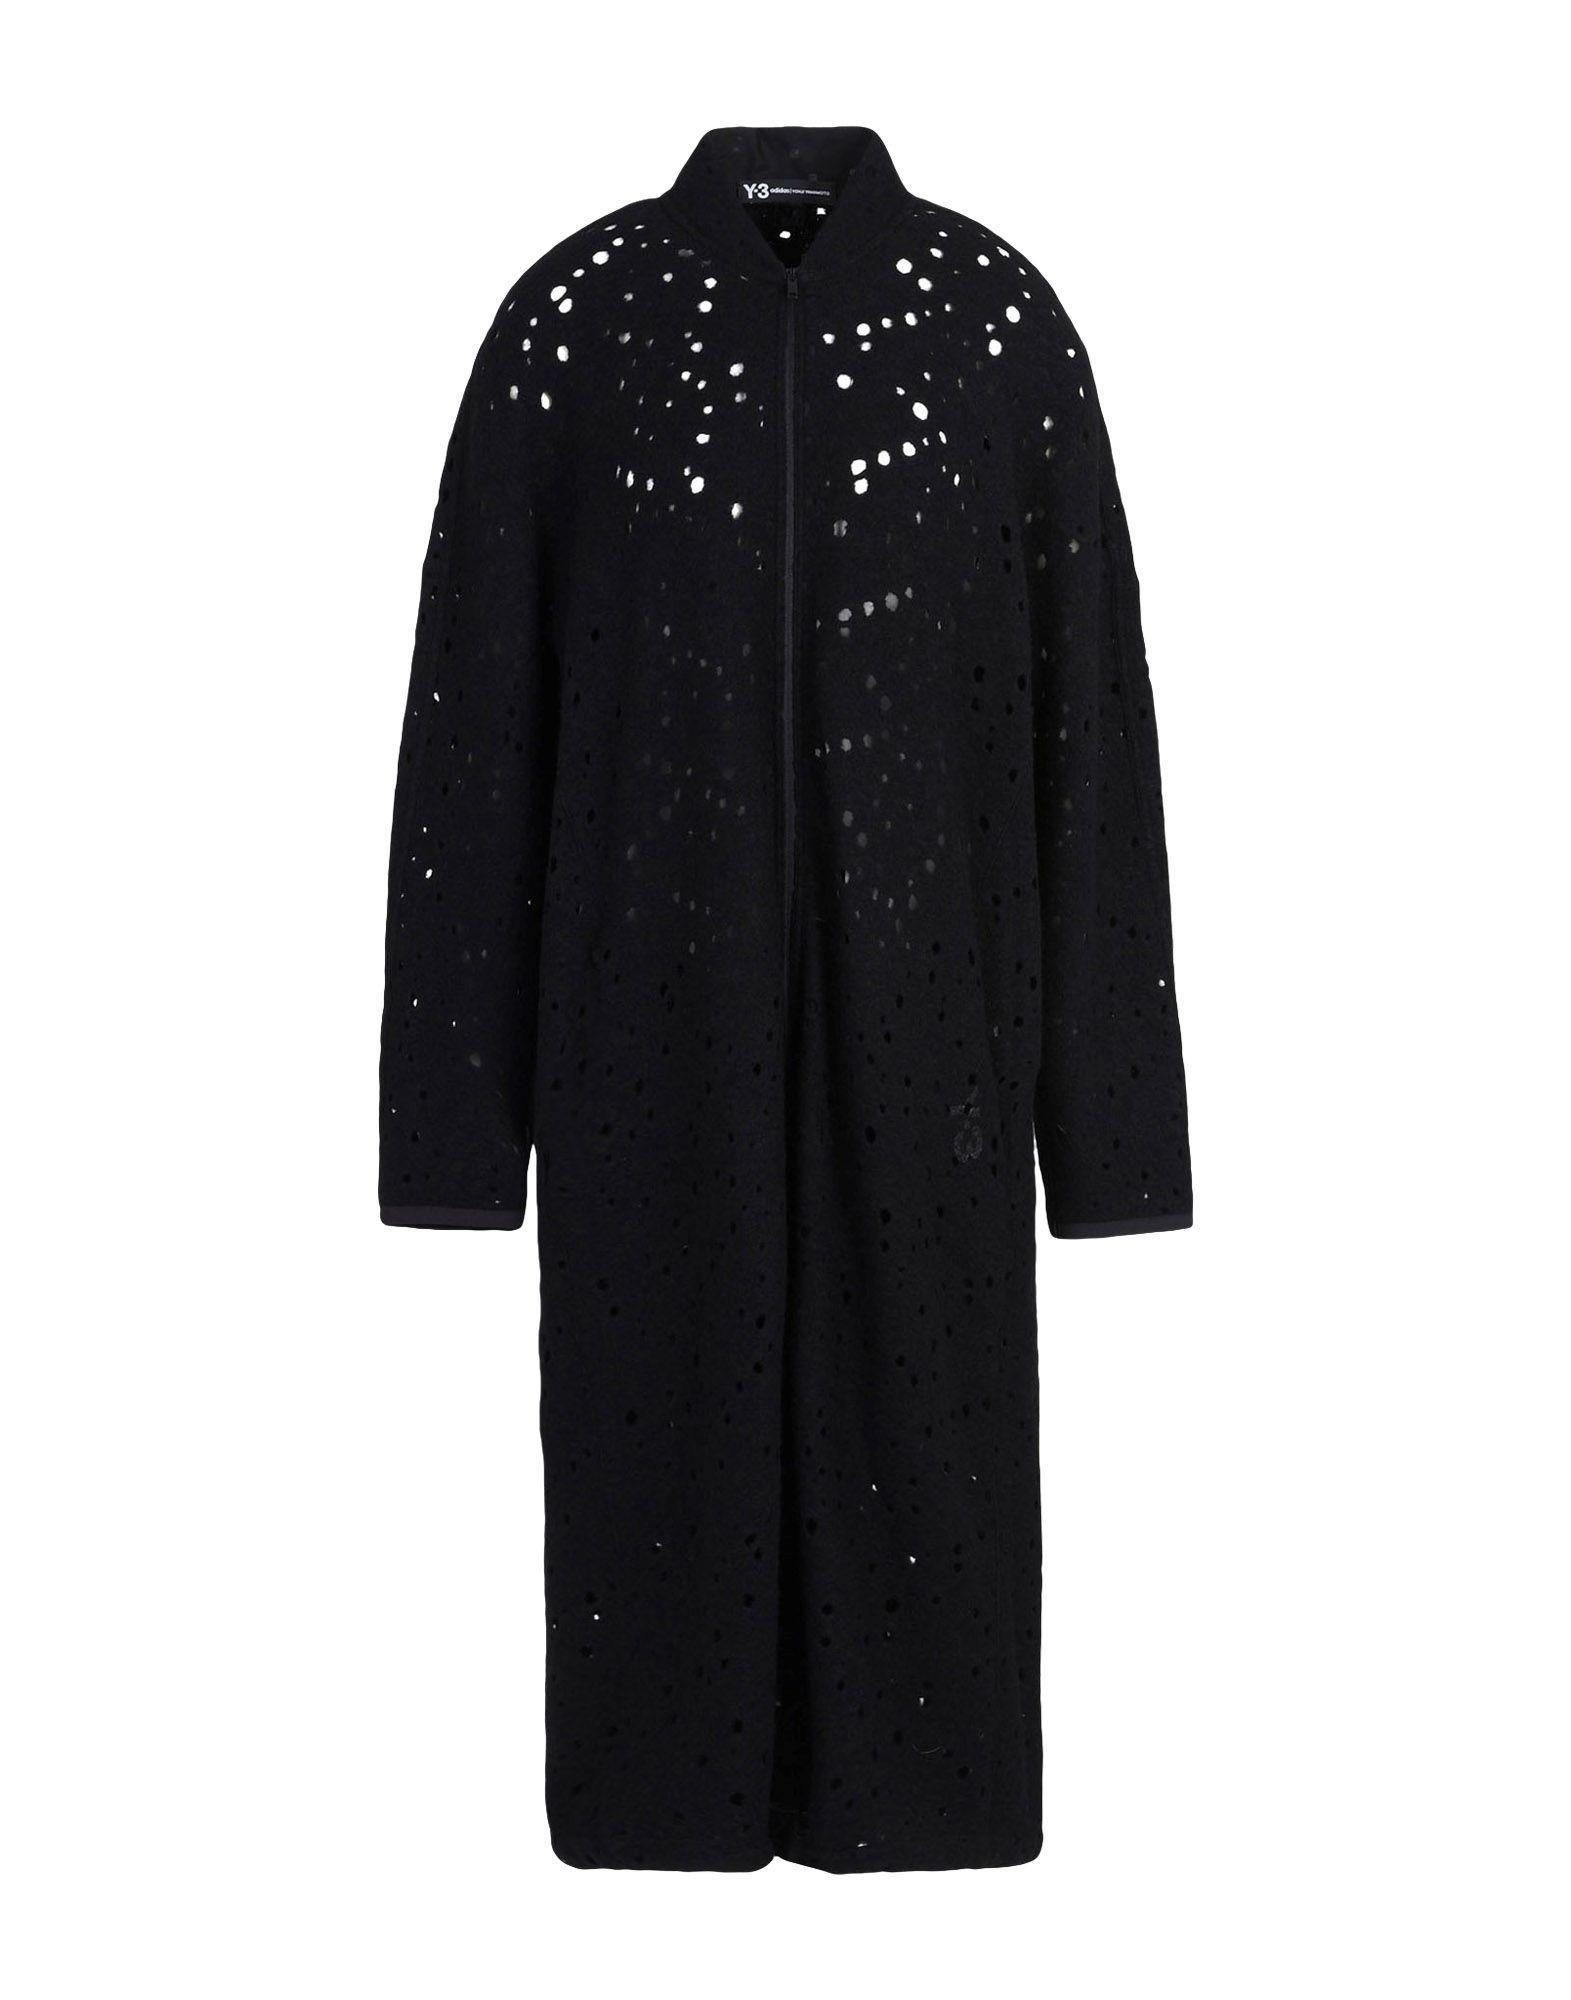 y 3 coats jackets y 3 women yoox united states